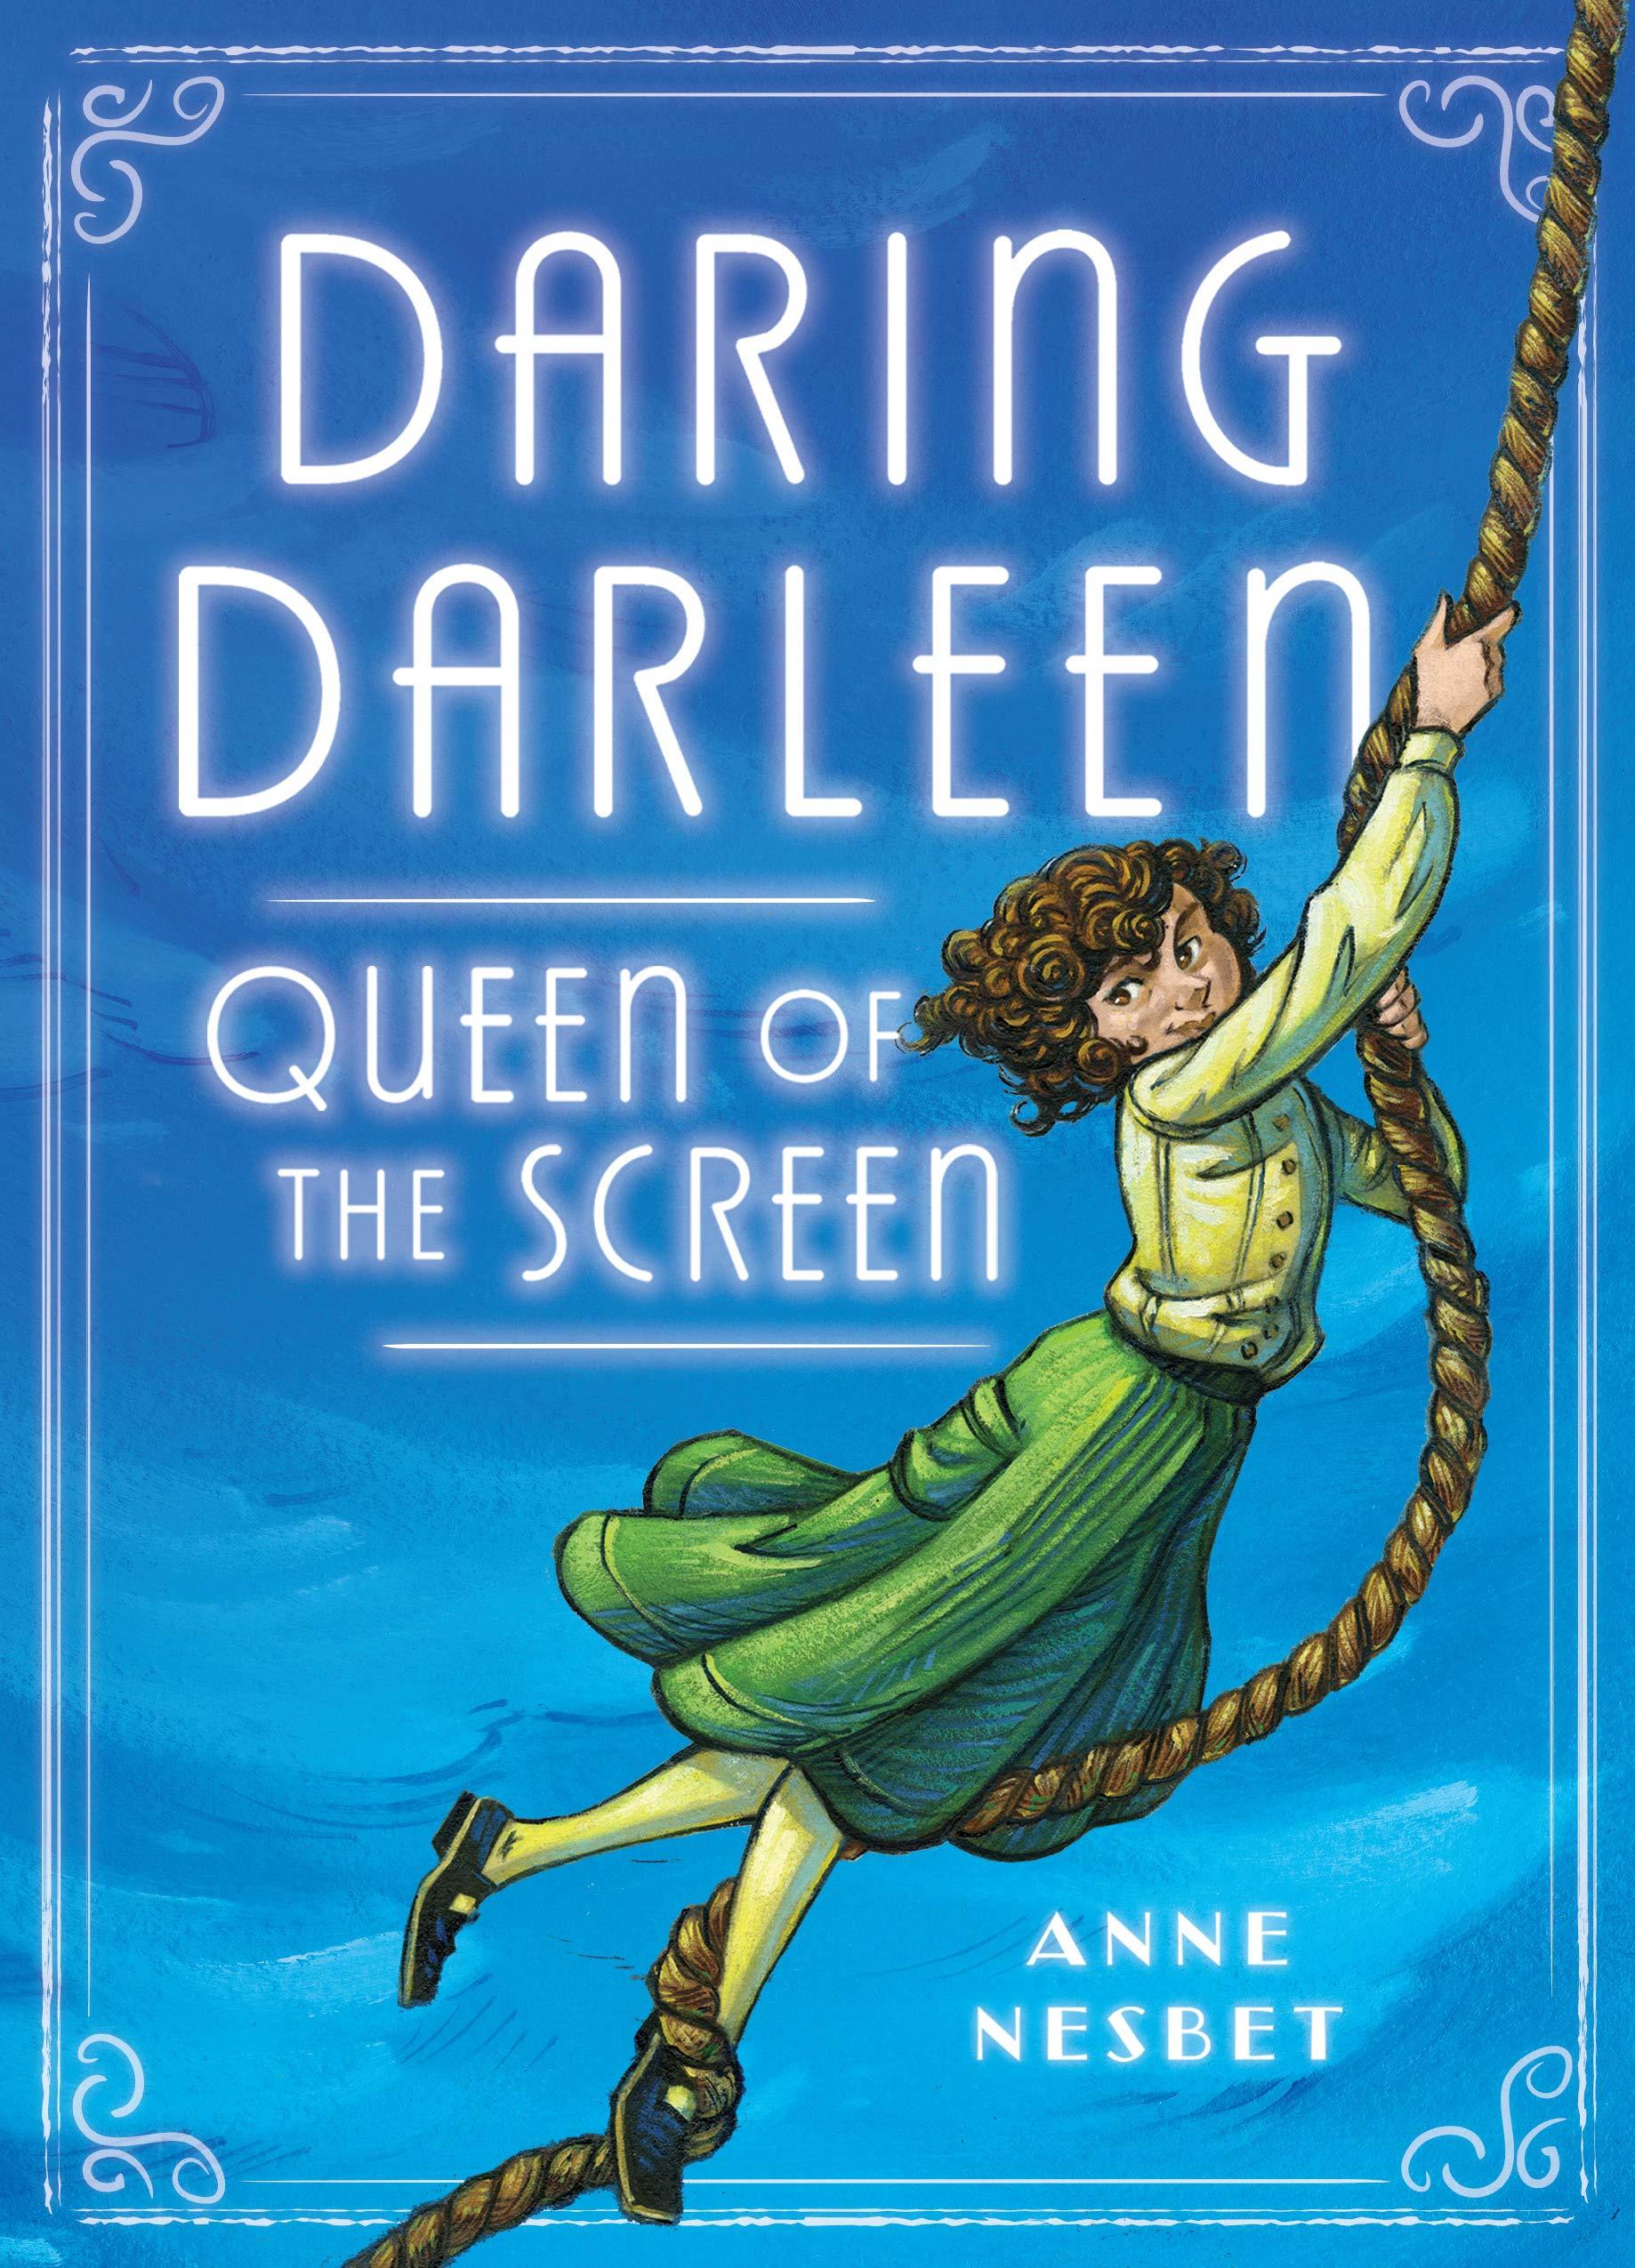 Darling Darleen Queen of the Screen